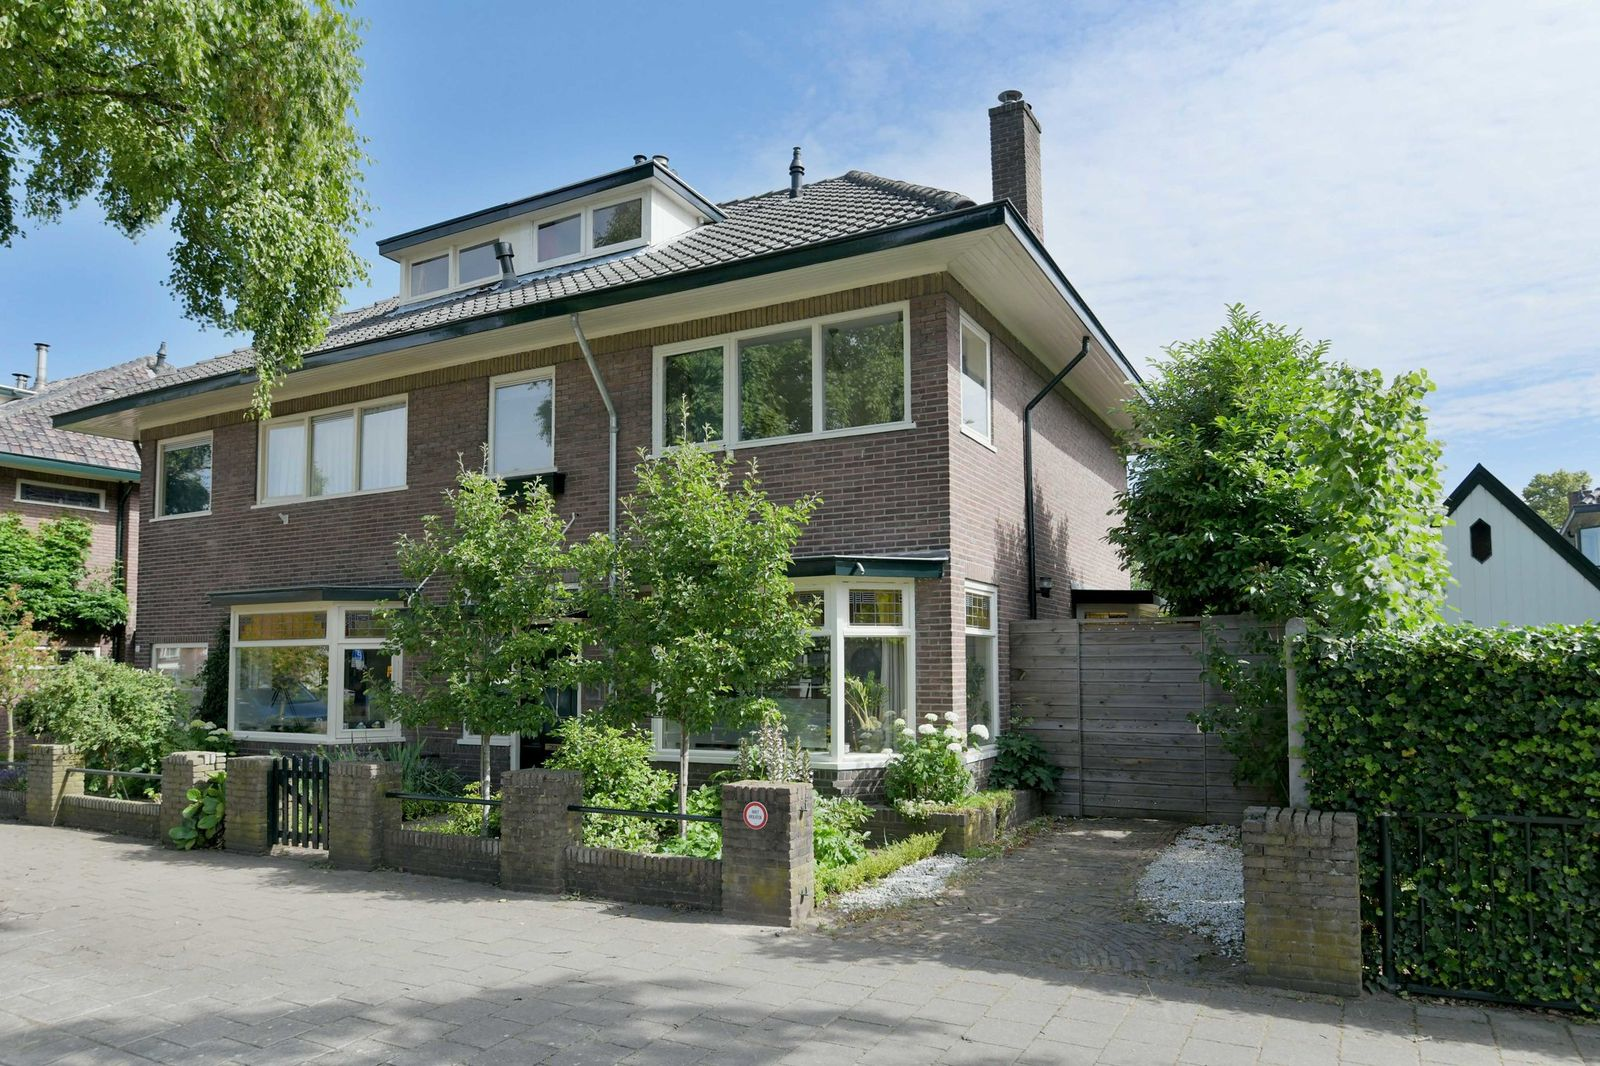 E. Tesschenmacherstraat 8, Deventer